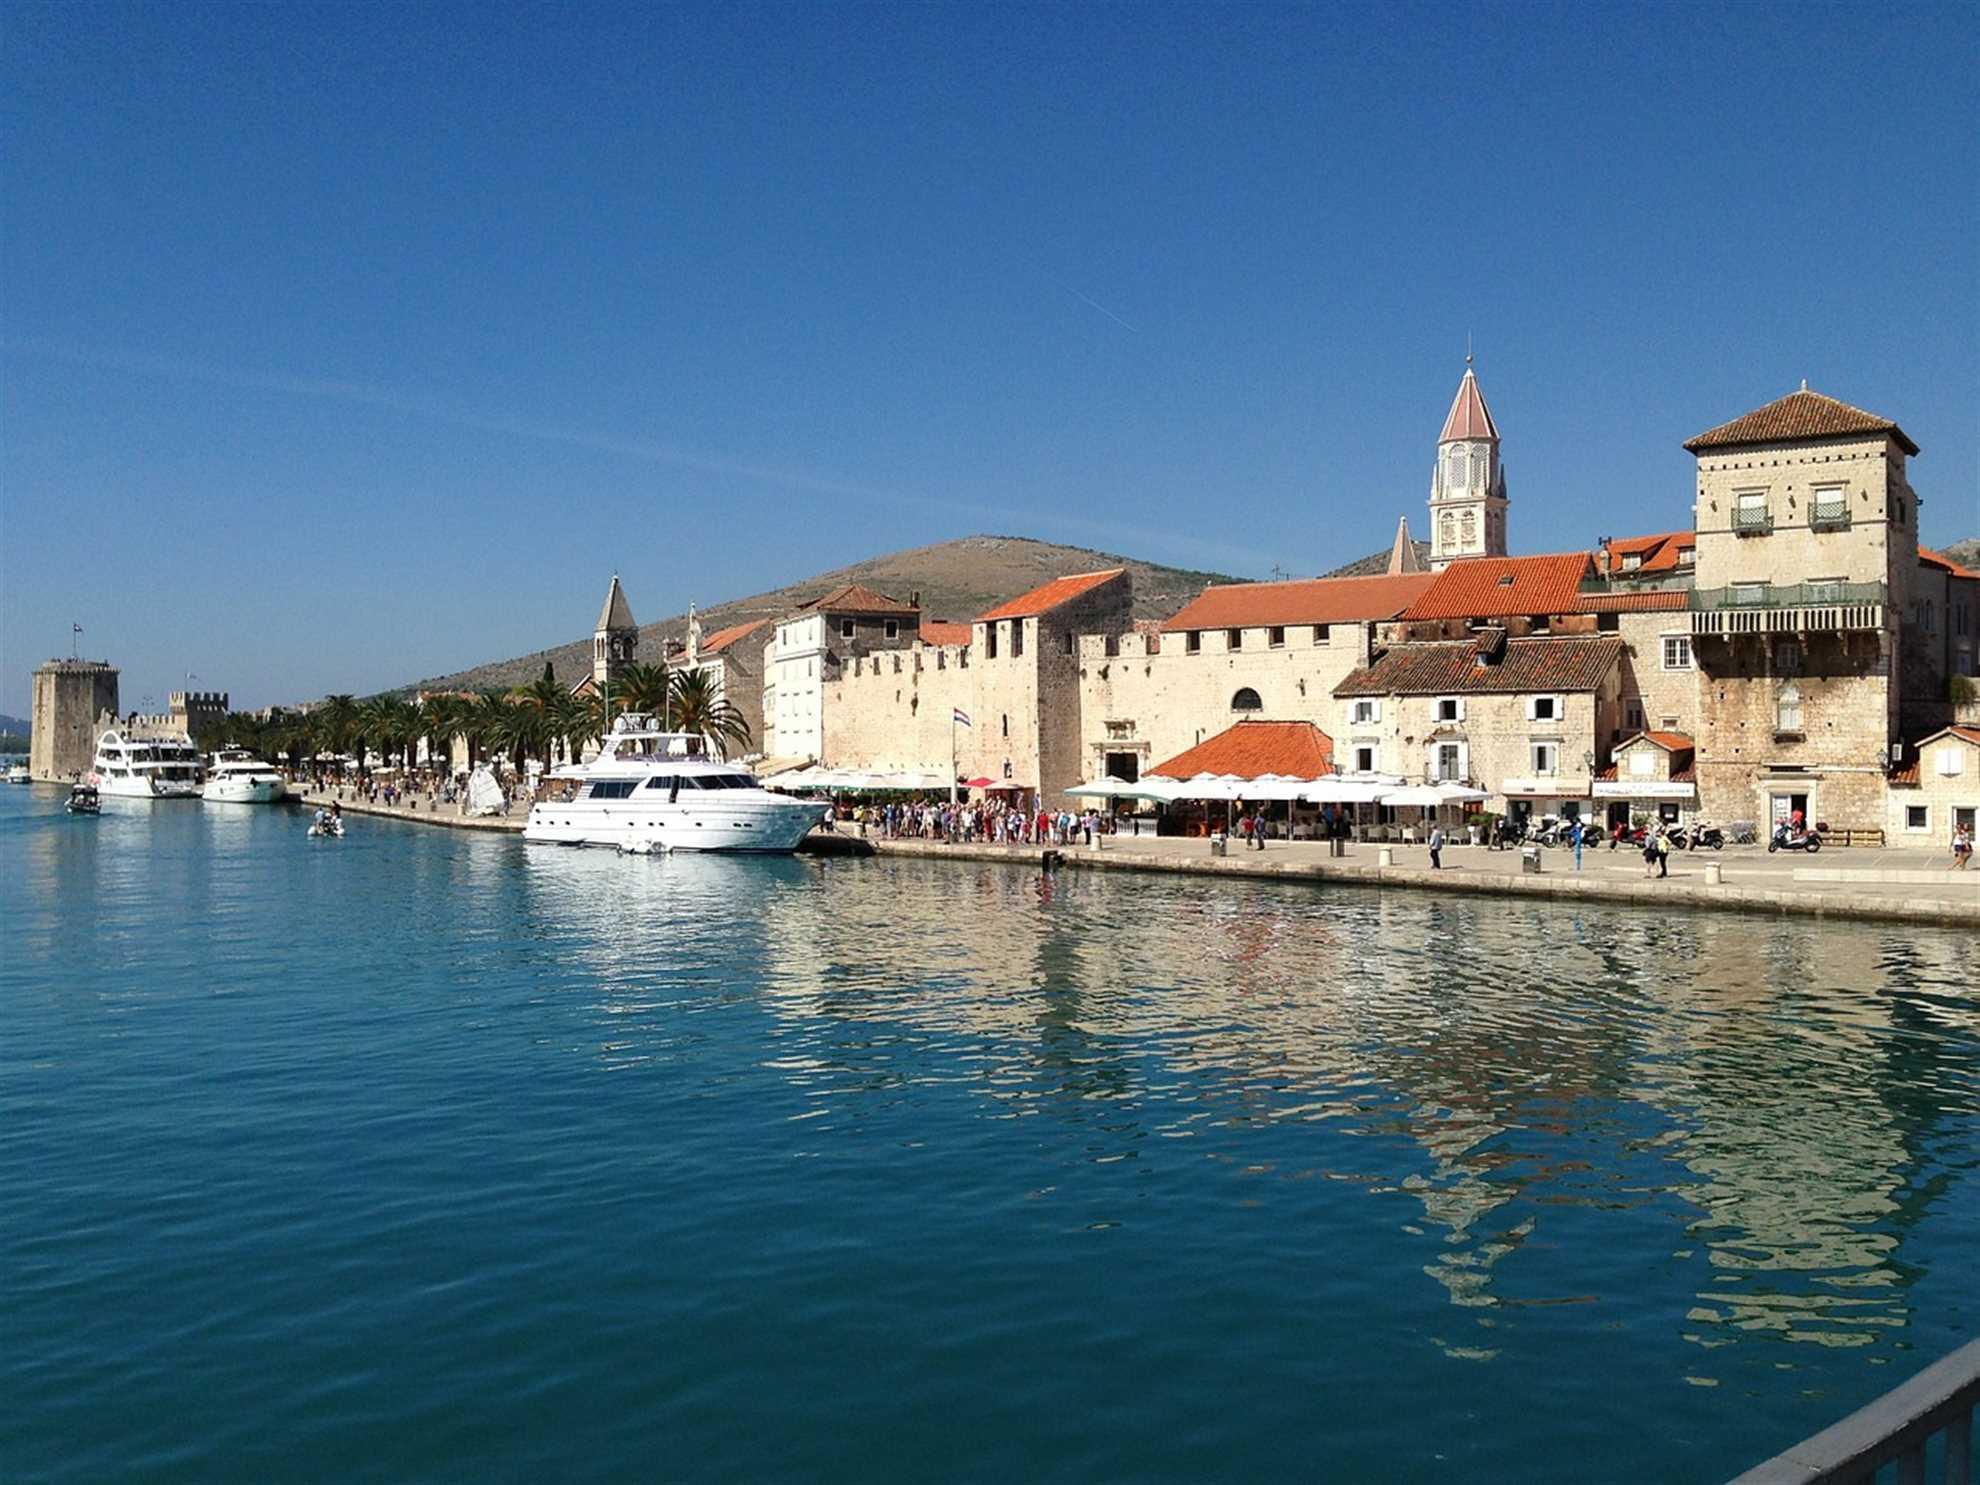 Trogir Seafront